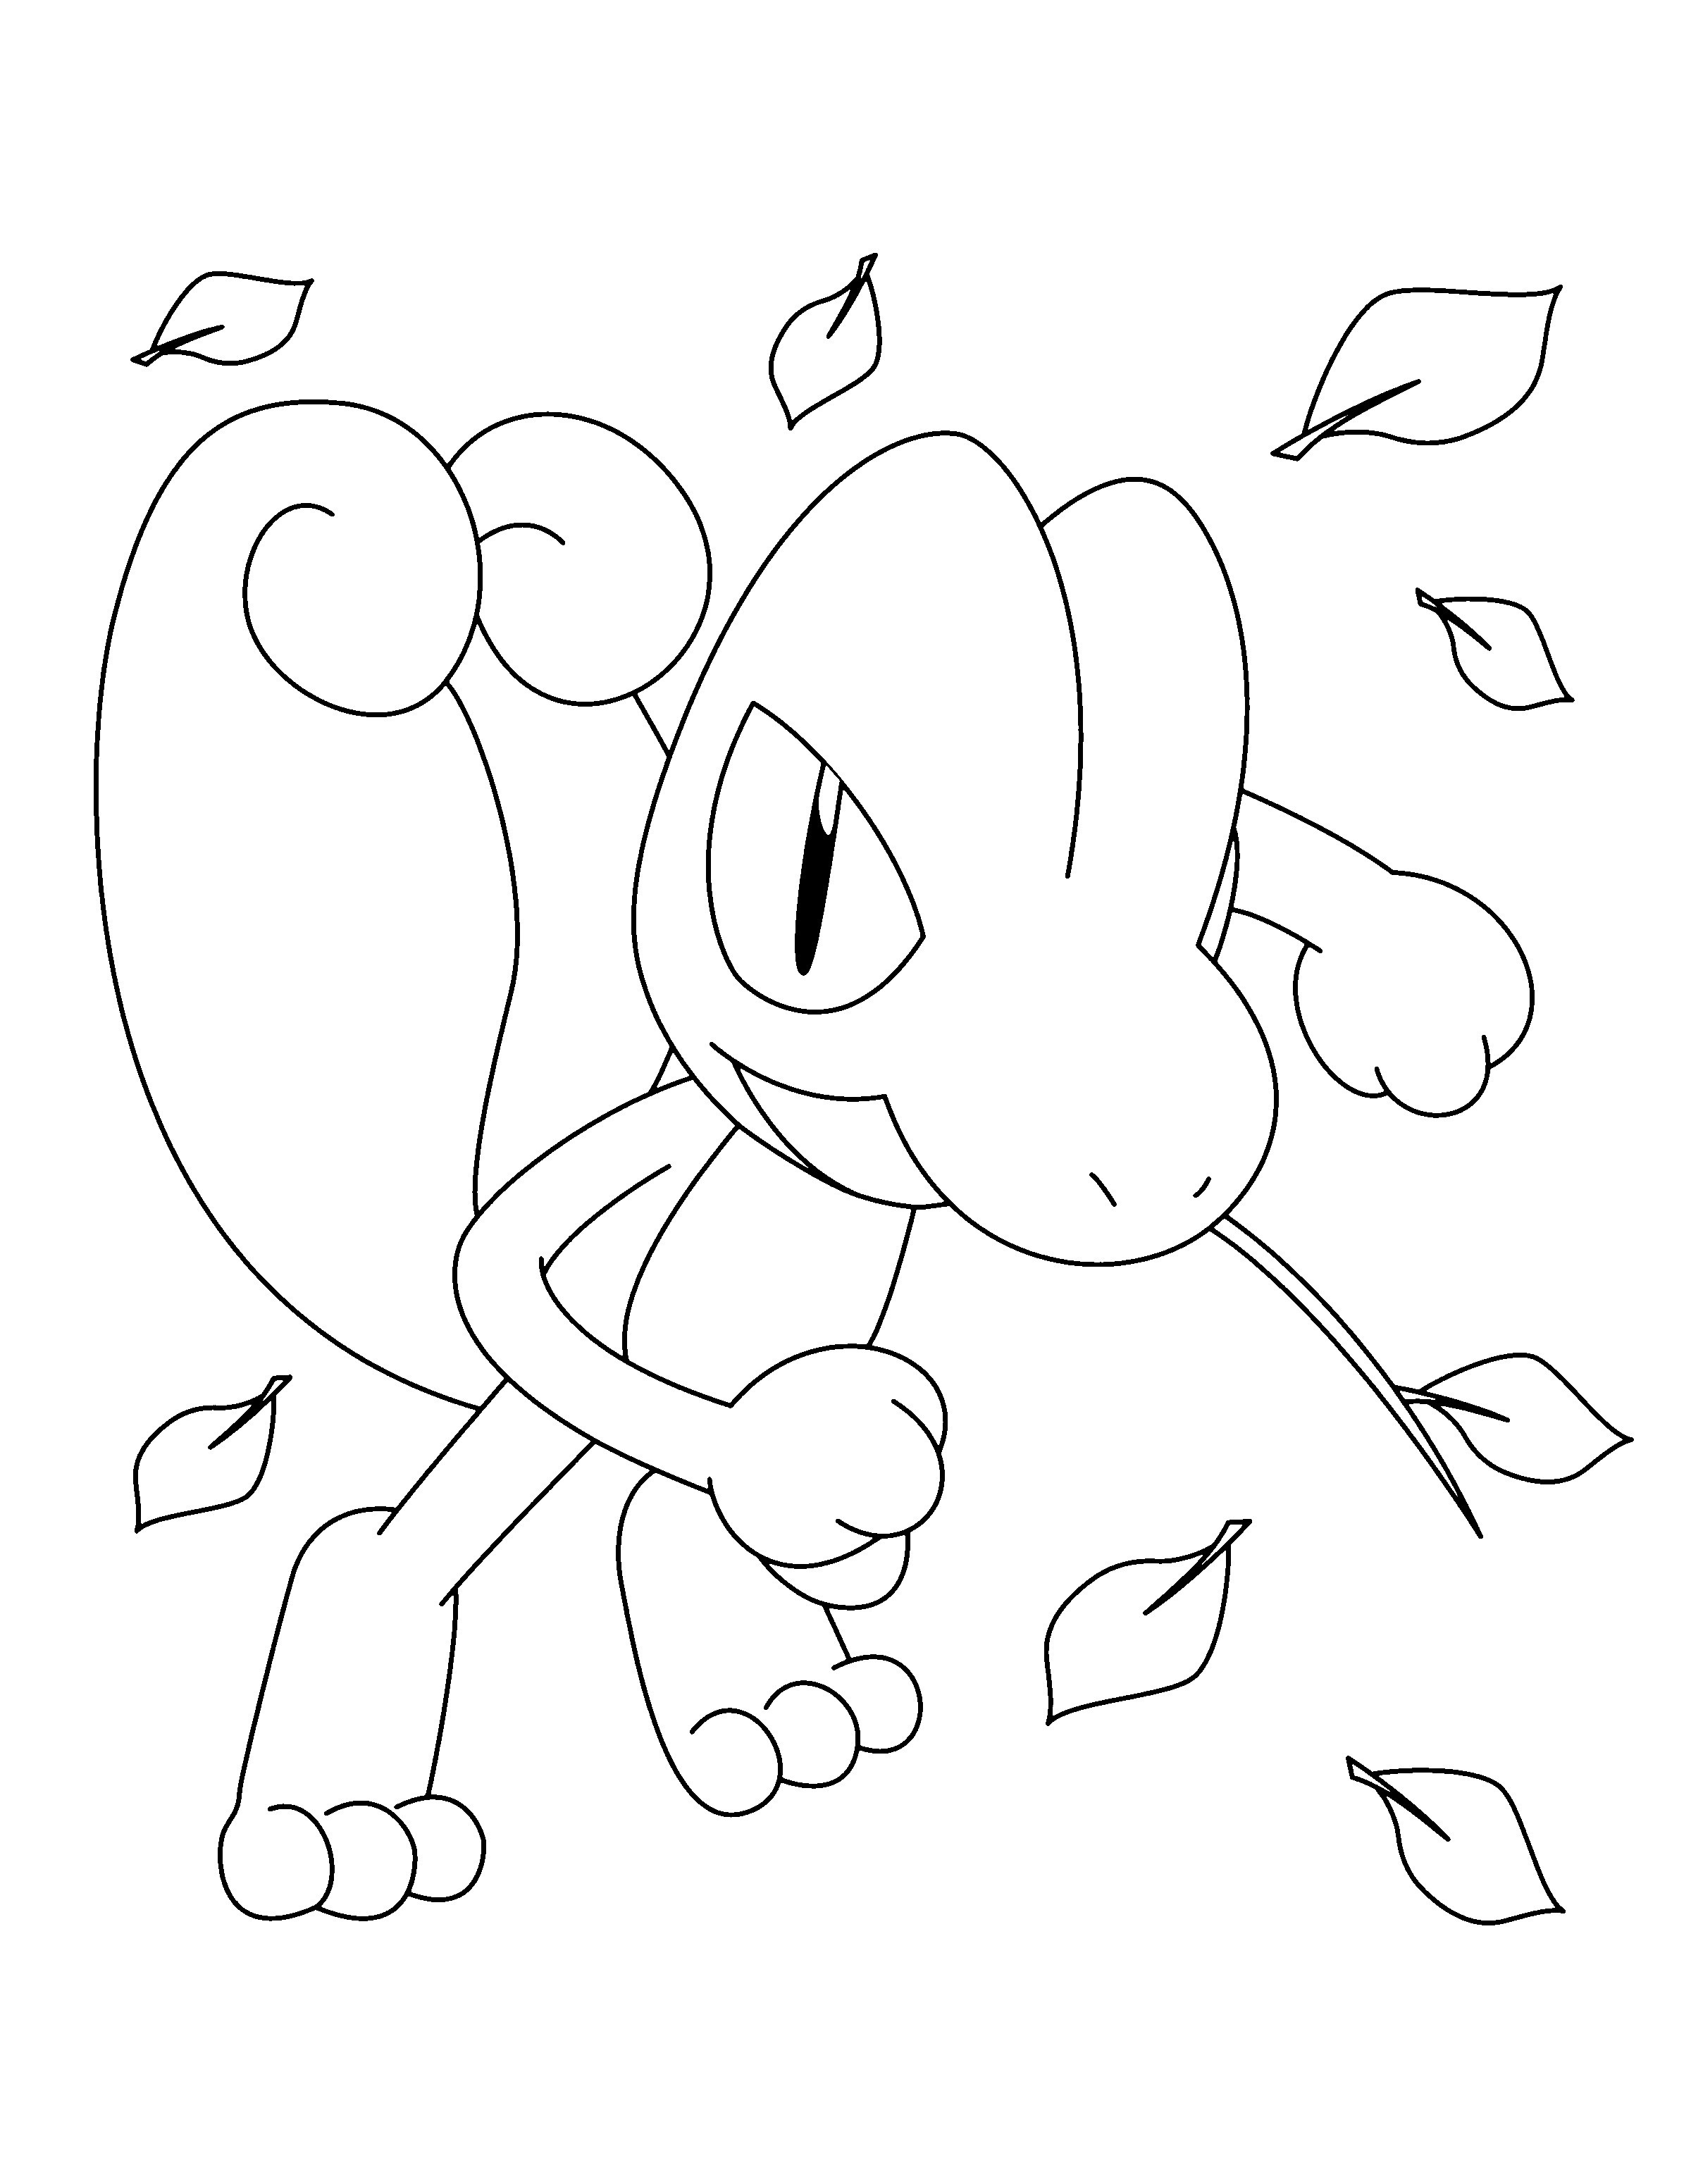 Pokemon Bilder Zum Ausmalen Genial 37 Fantastisch Pokemon Ausmalbilder Kostenlos – Große Coloring Page Galerie